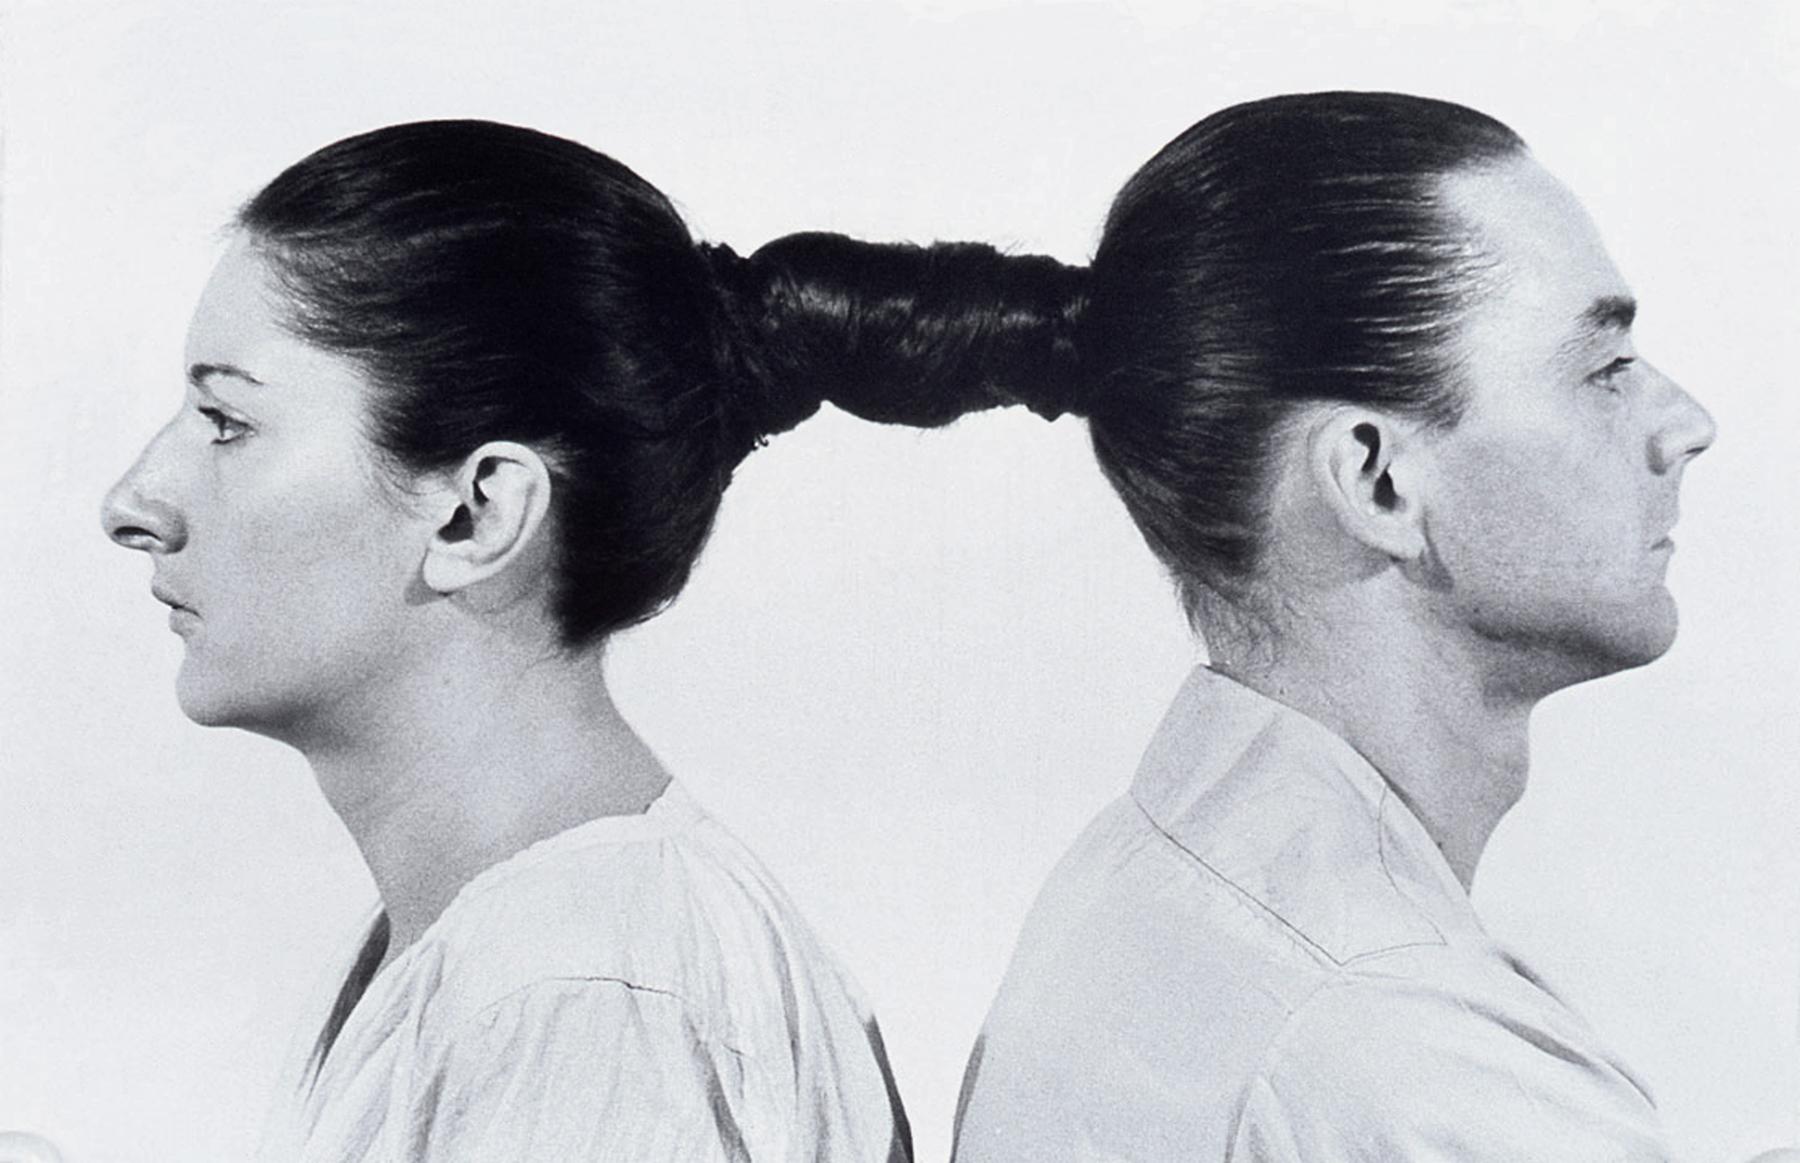 """La performance """"Relation in Time"""" réalisée par Marina Abramović et Ulay en 1977."""